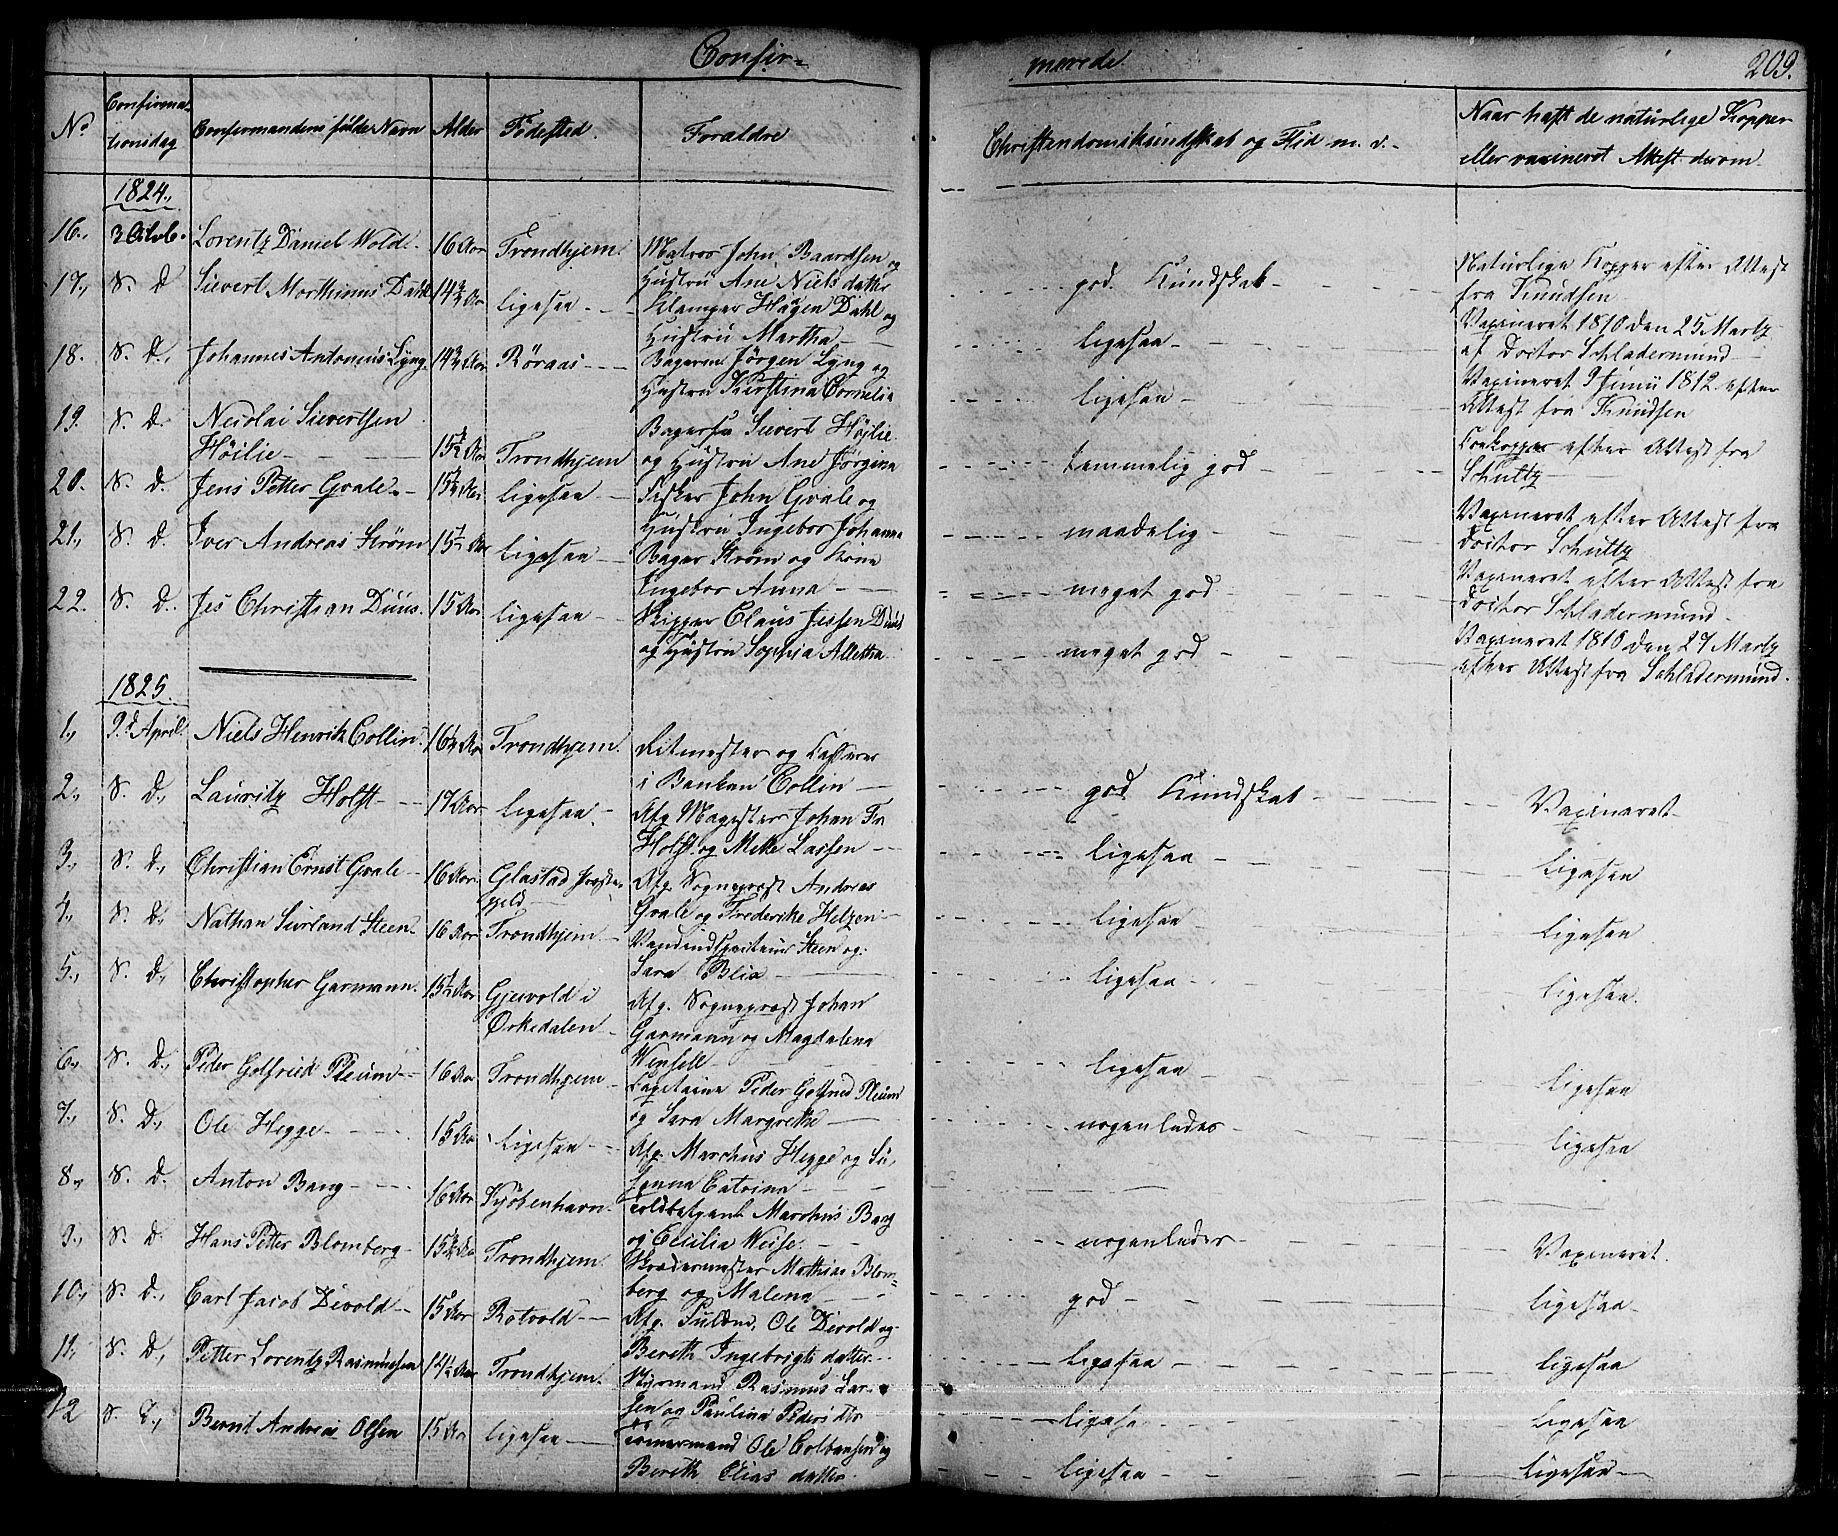 SAT, Ministerialprotokoller, klokkerbøker og fødselsregistre - Sør-Trøndelag, 601/L0045: Ministerialbok nr. 601A13, 1821-1831, s. 209